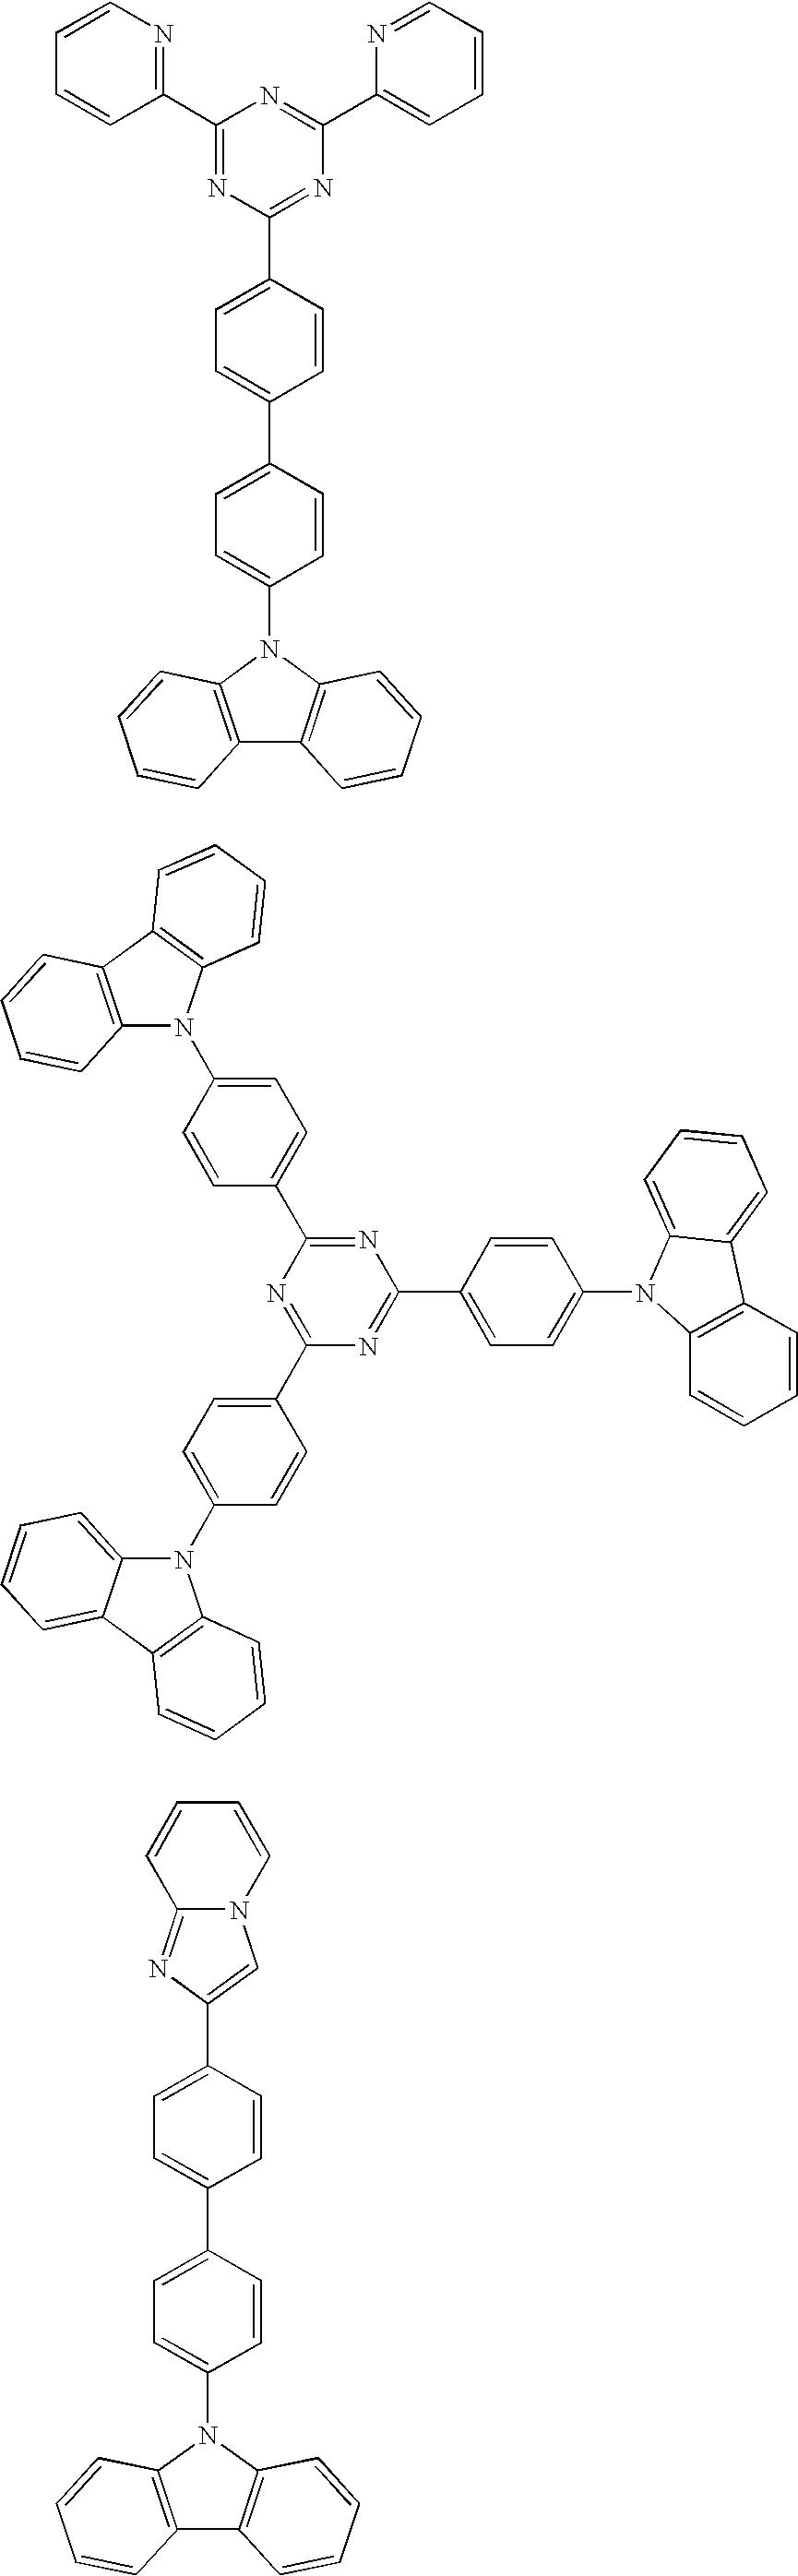 Figure US20070069638A1-20070329-C00015